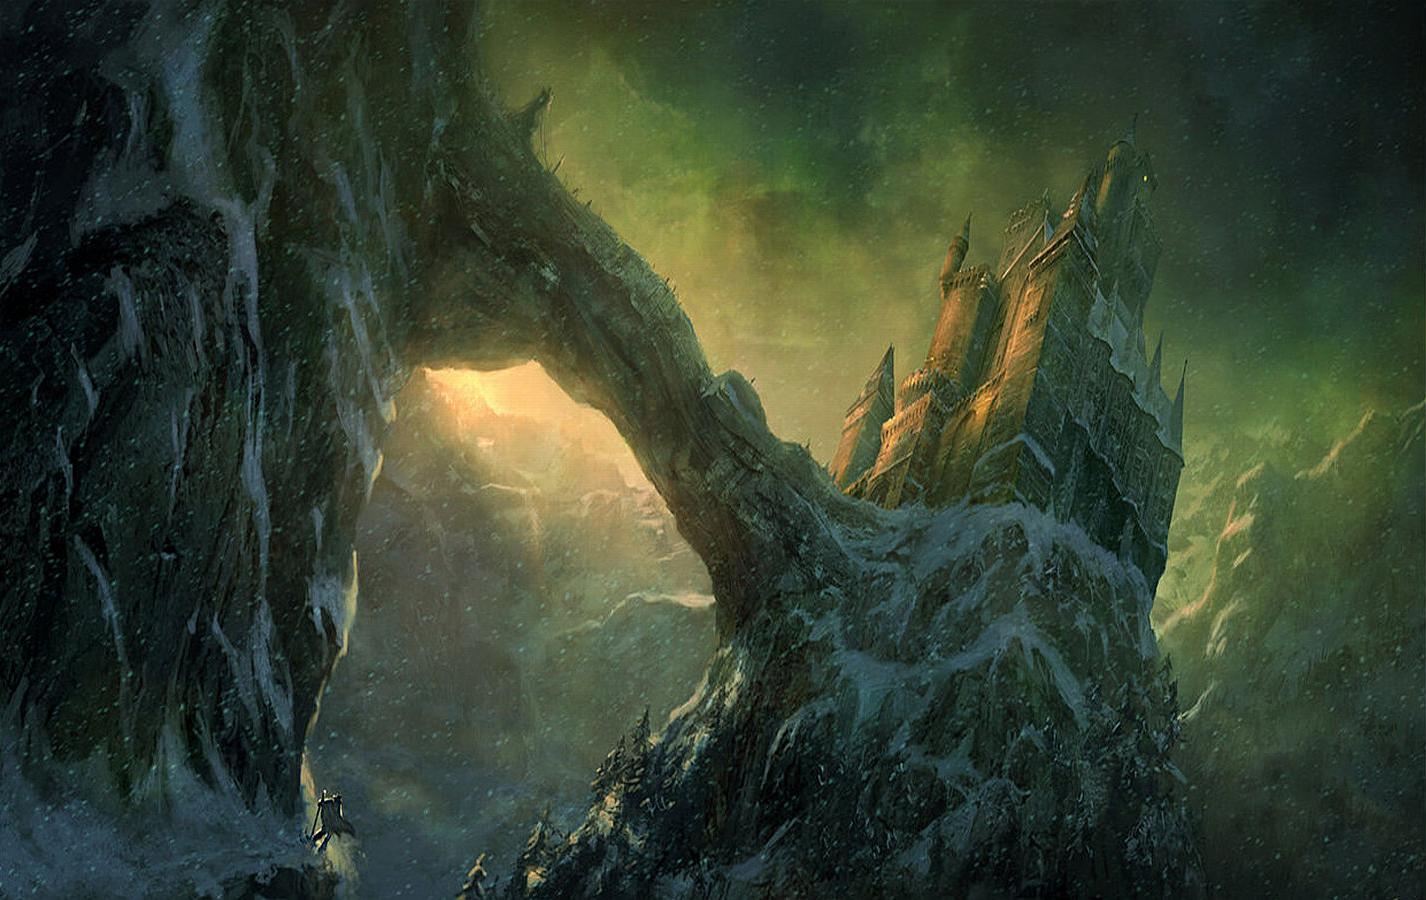 Dracula's Castle - Gaius